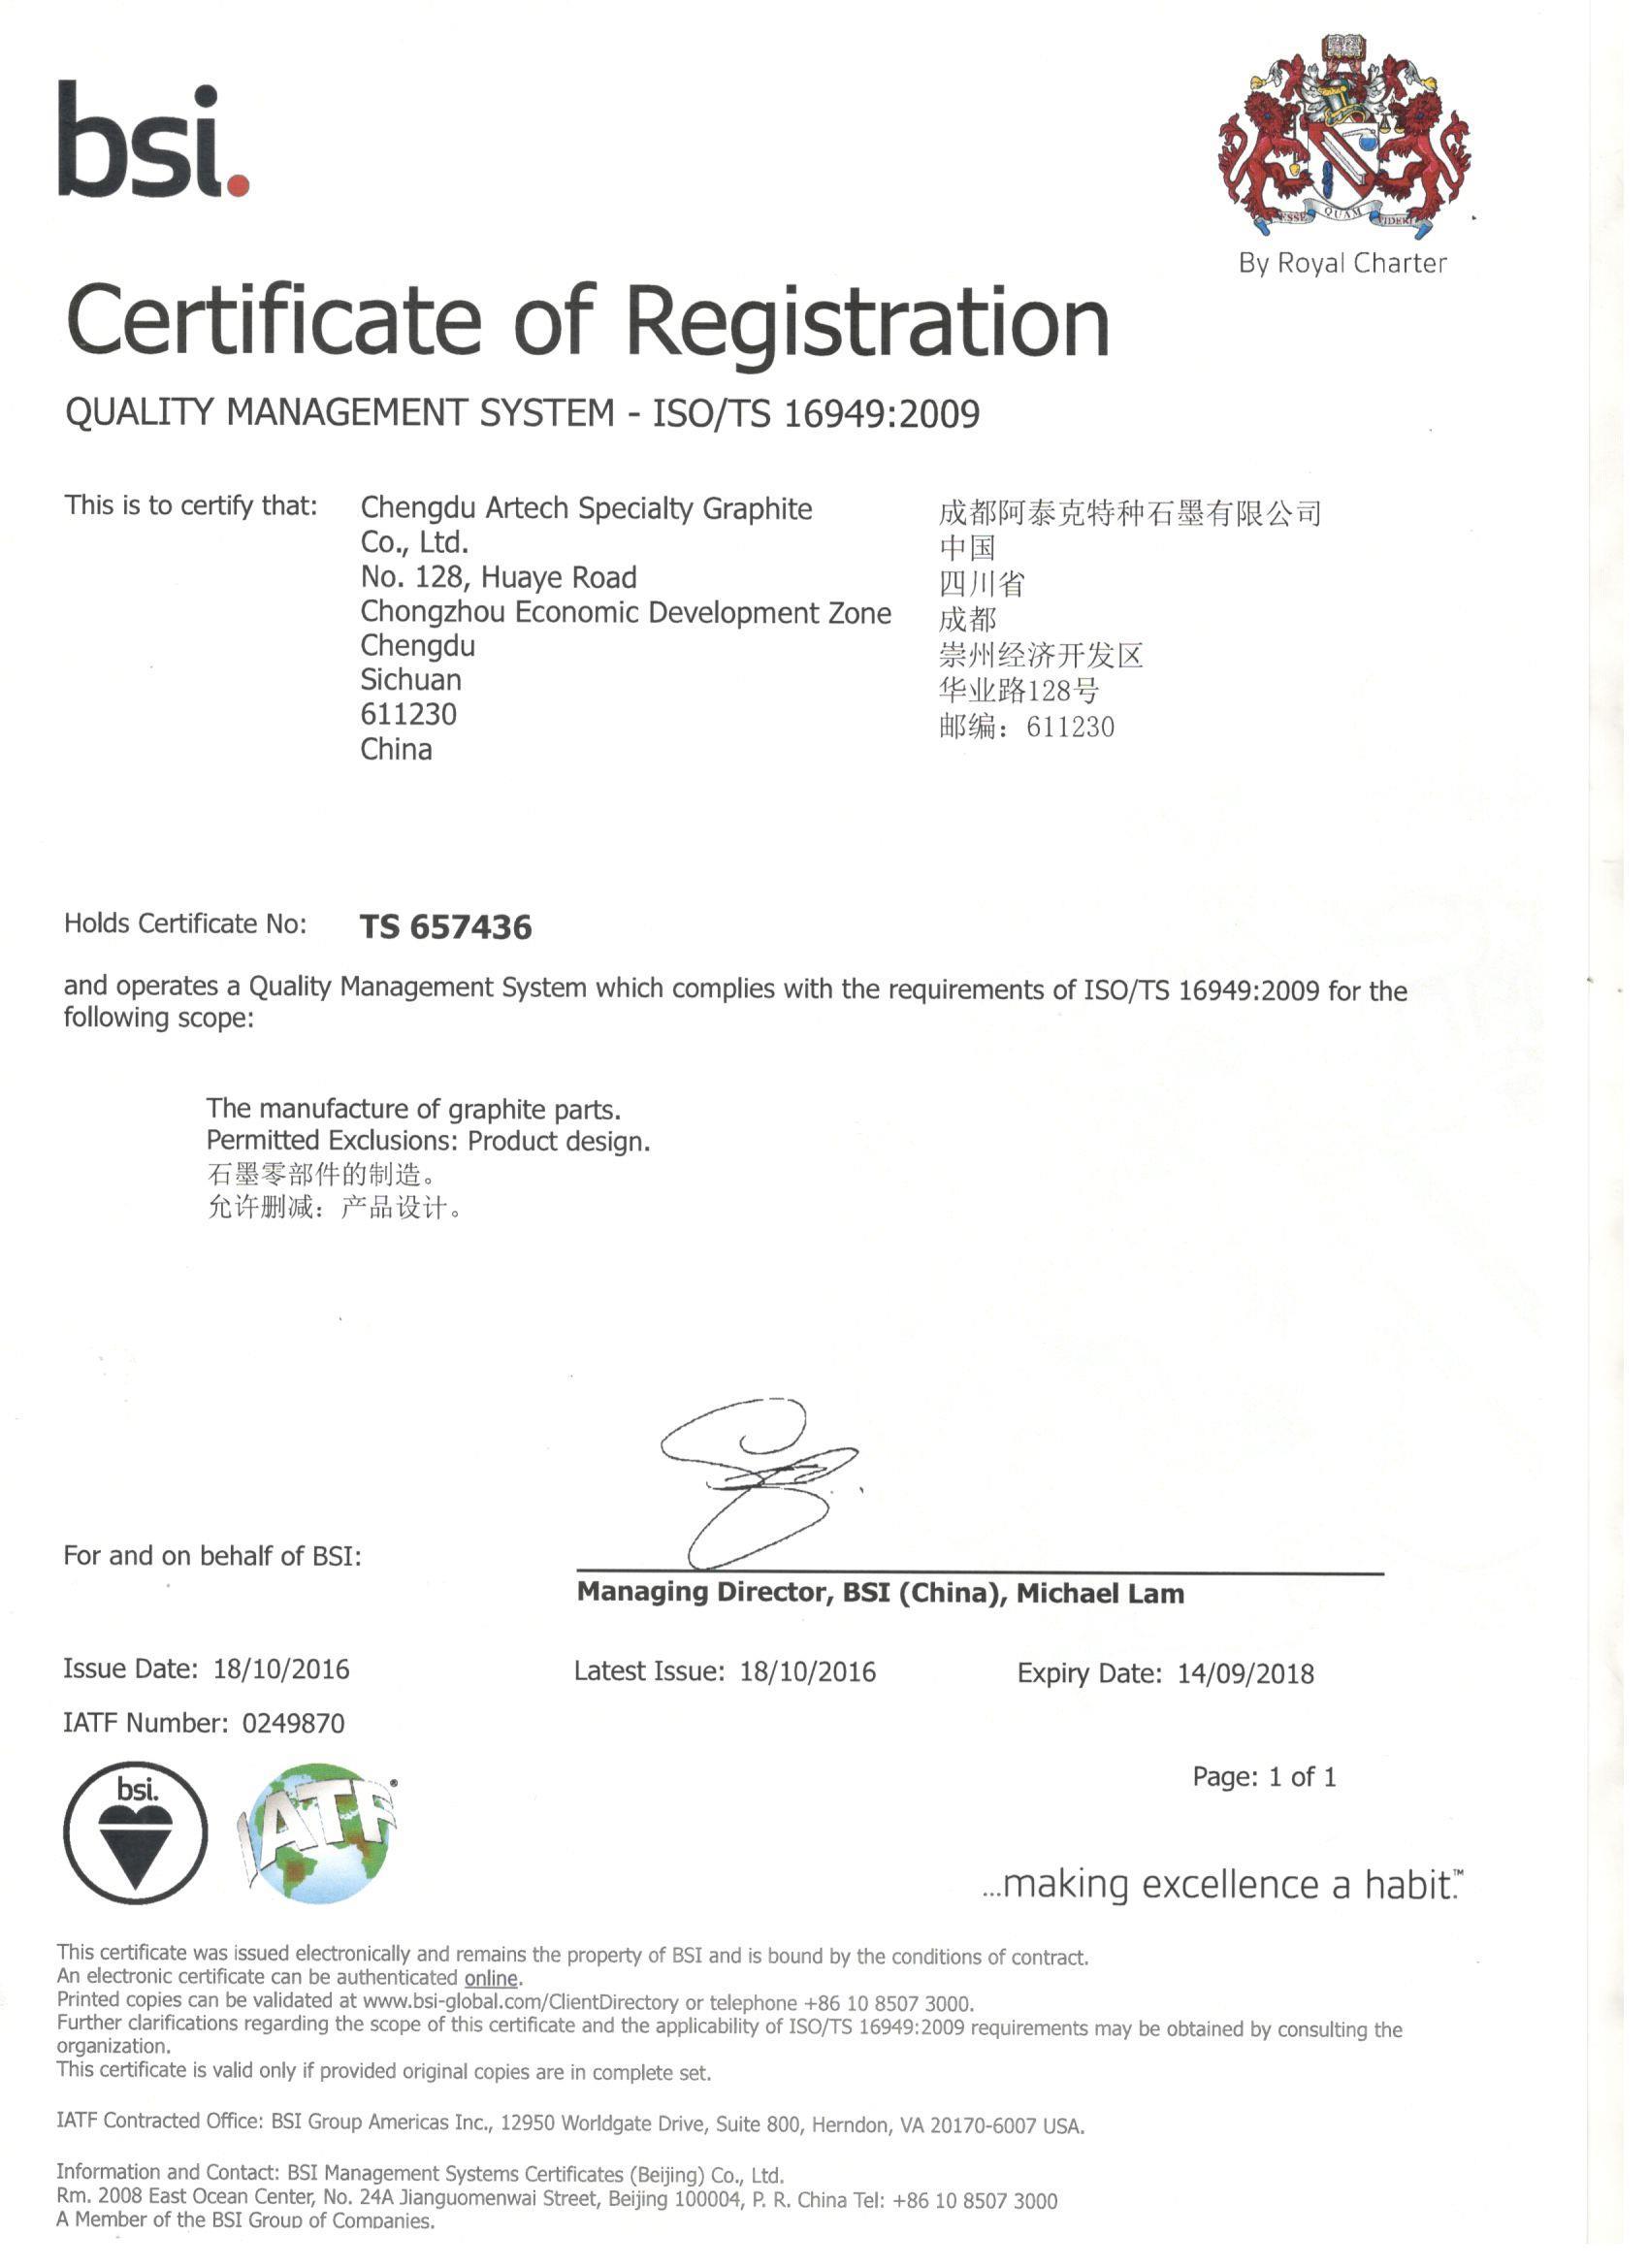 阿泰克betway必威注册网址汽车供应商质量认证的证书